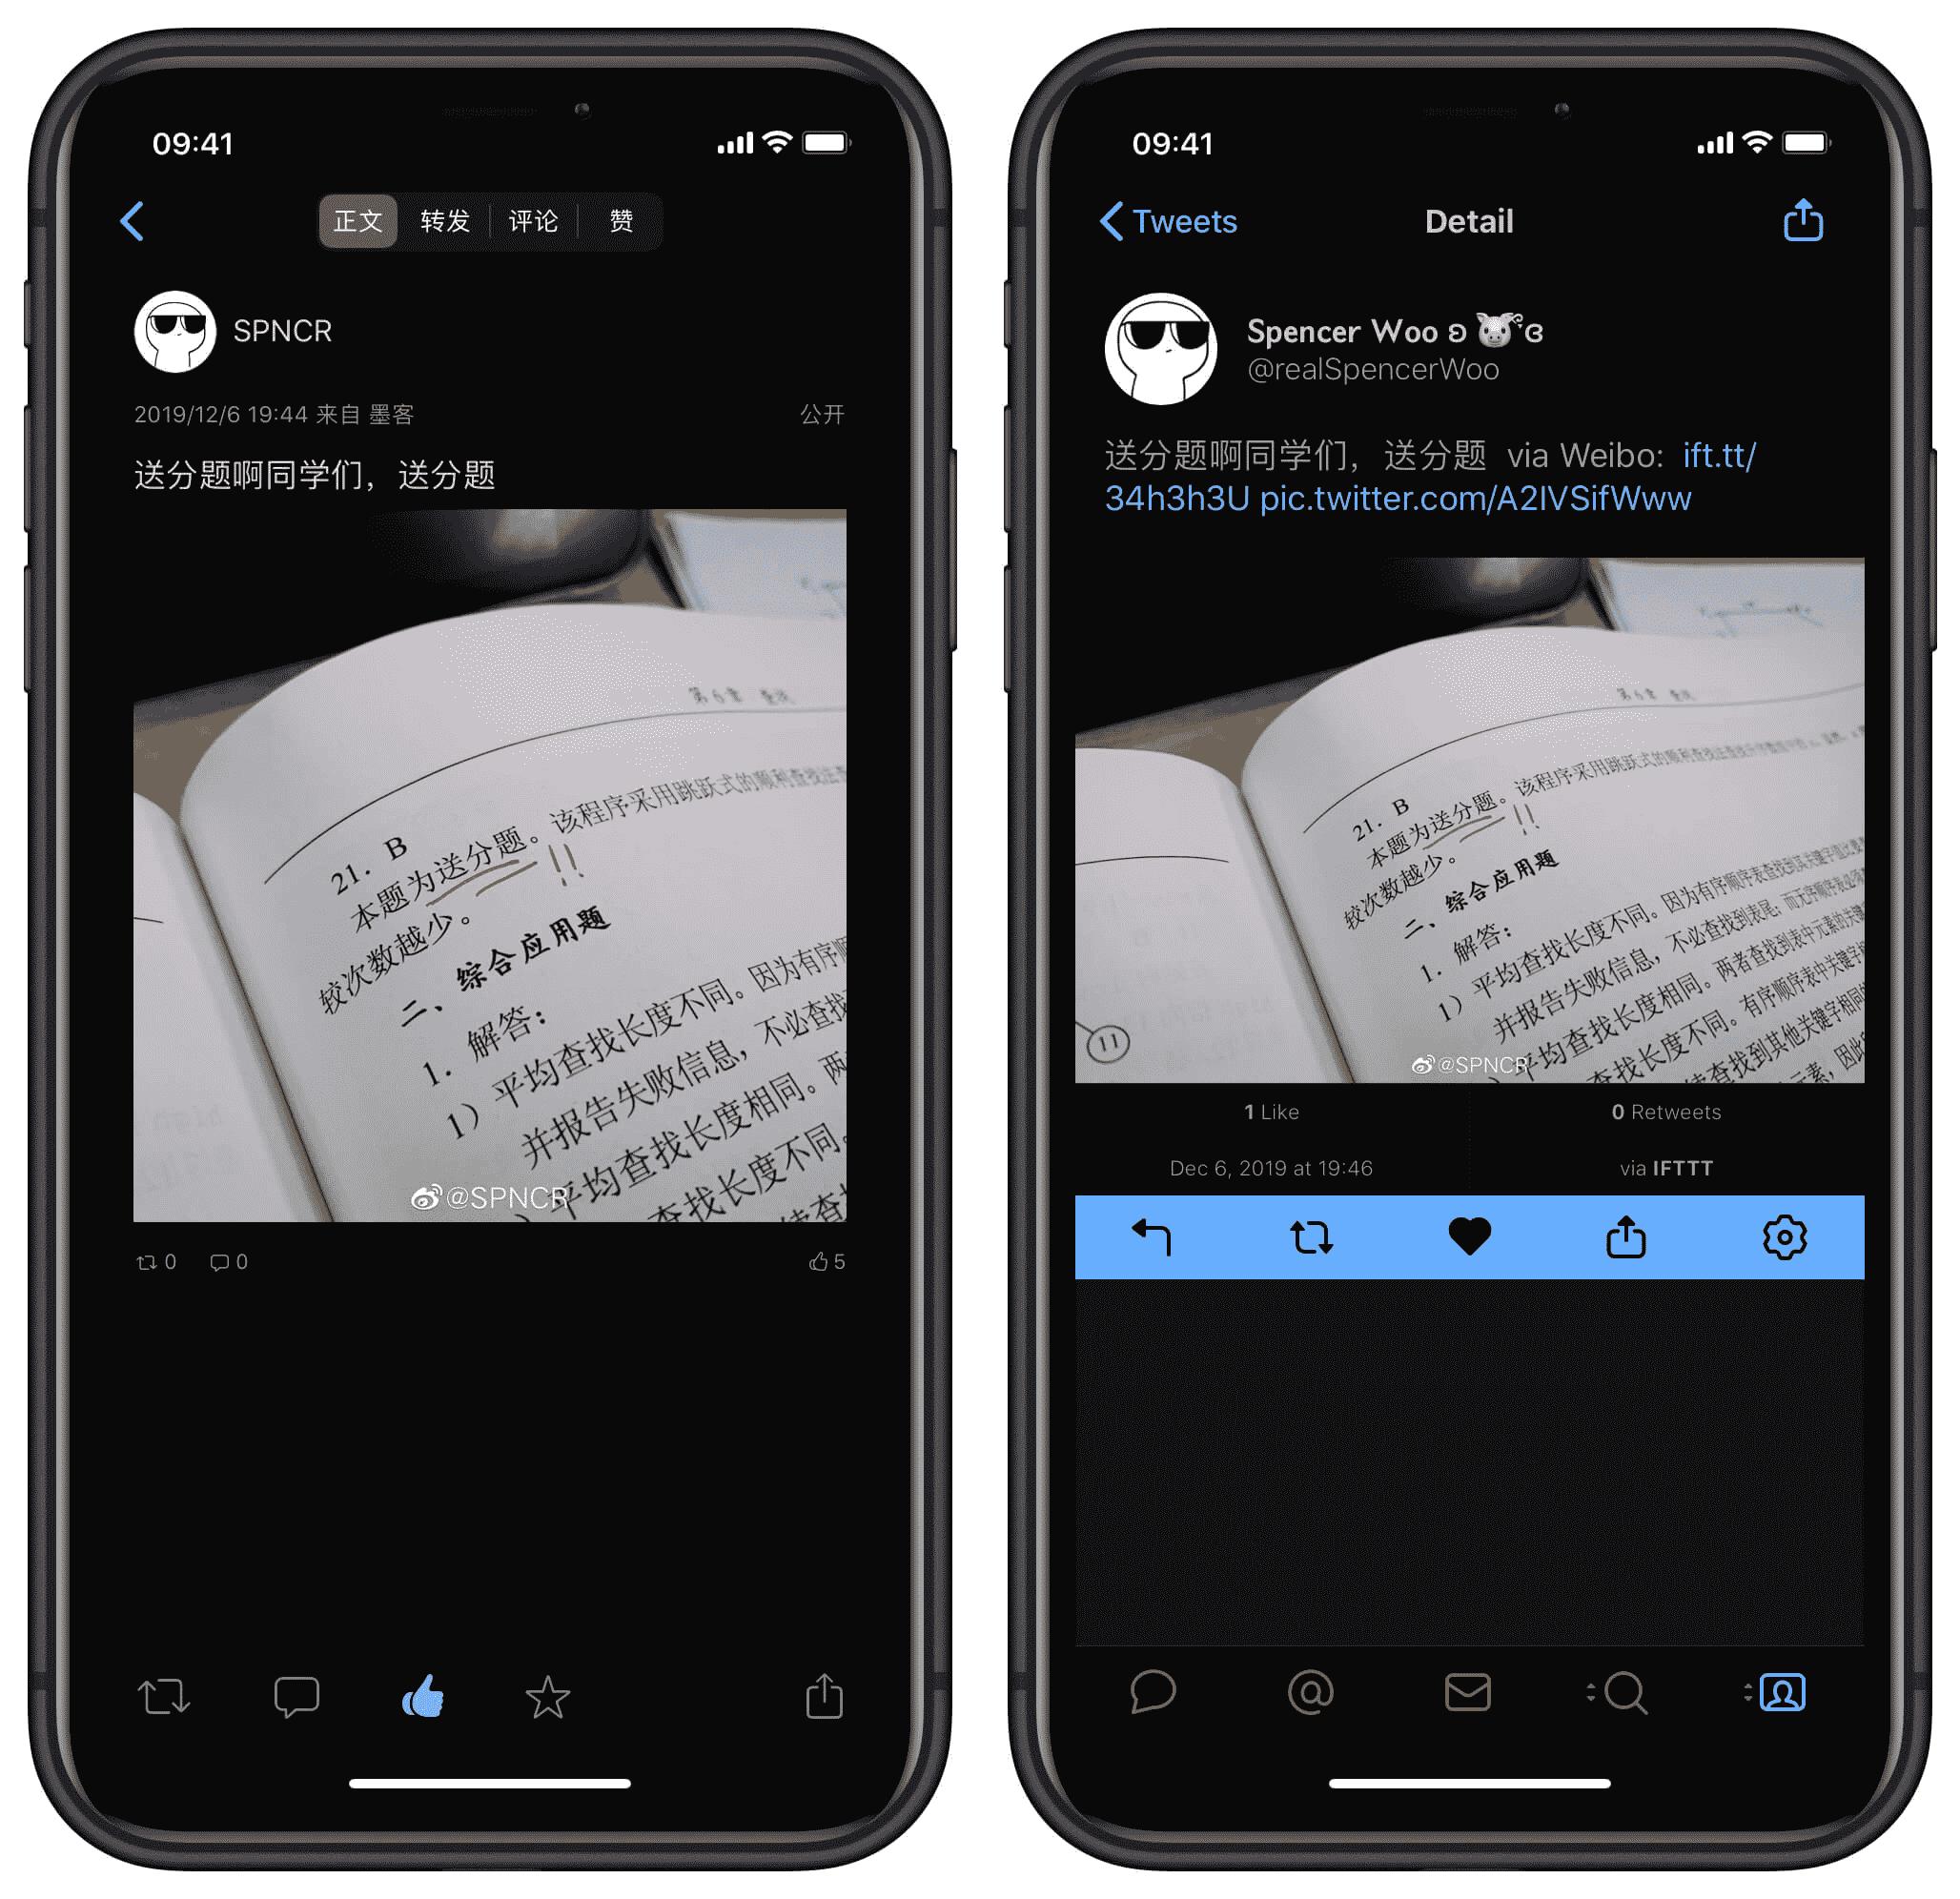 最终的微博 to 推特转发效果